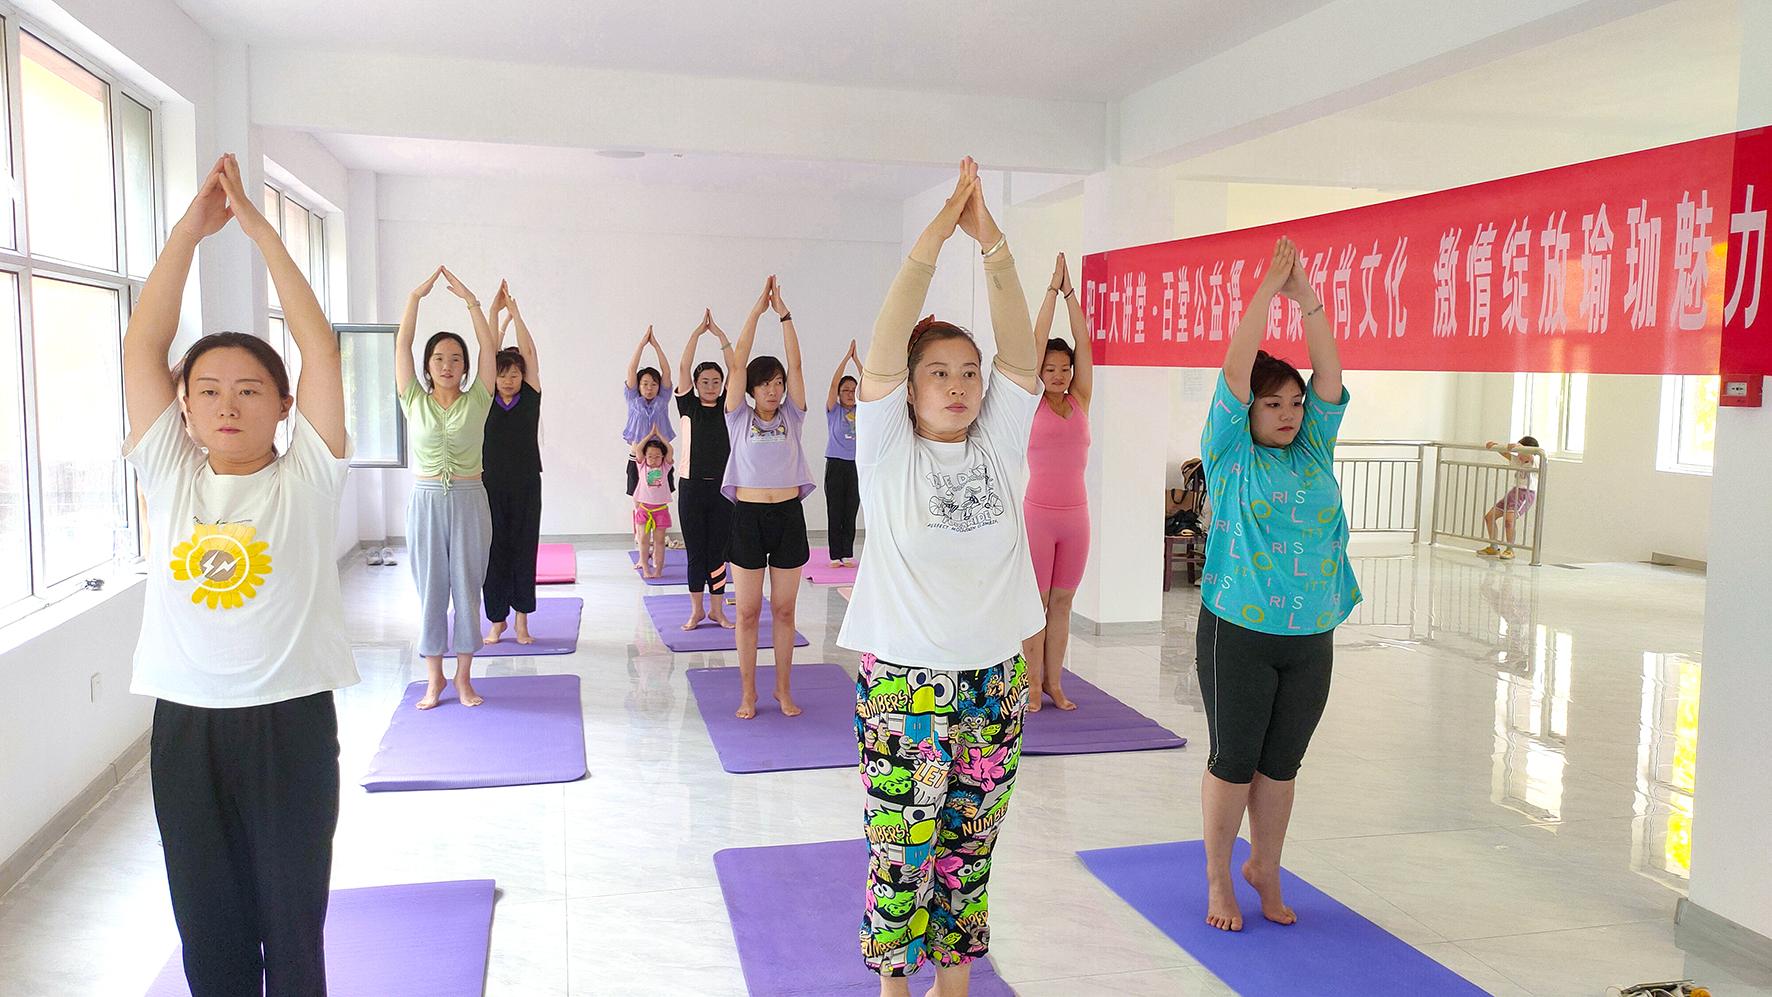 金凤区黄河东路街道工会公益培训激情绽放瑜伽魅力